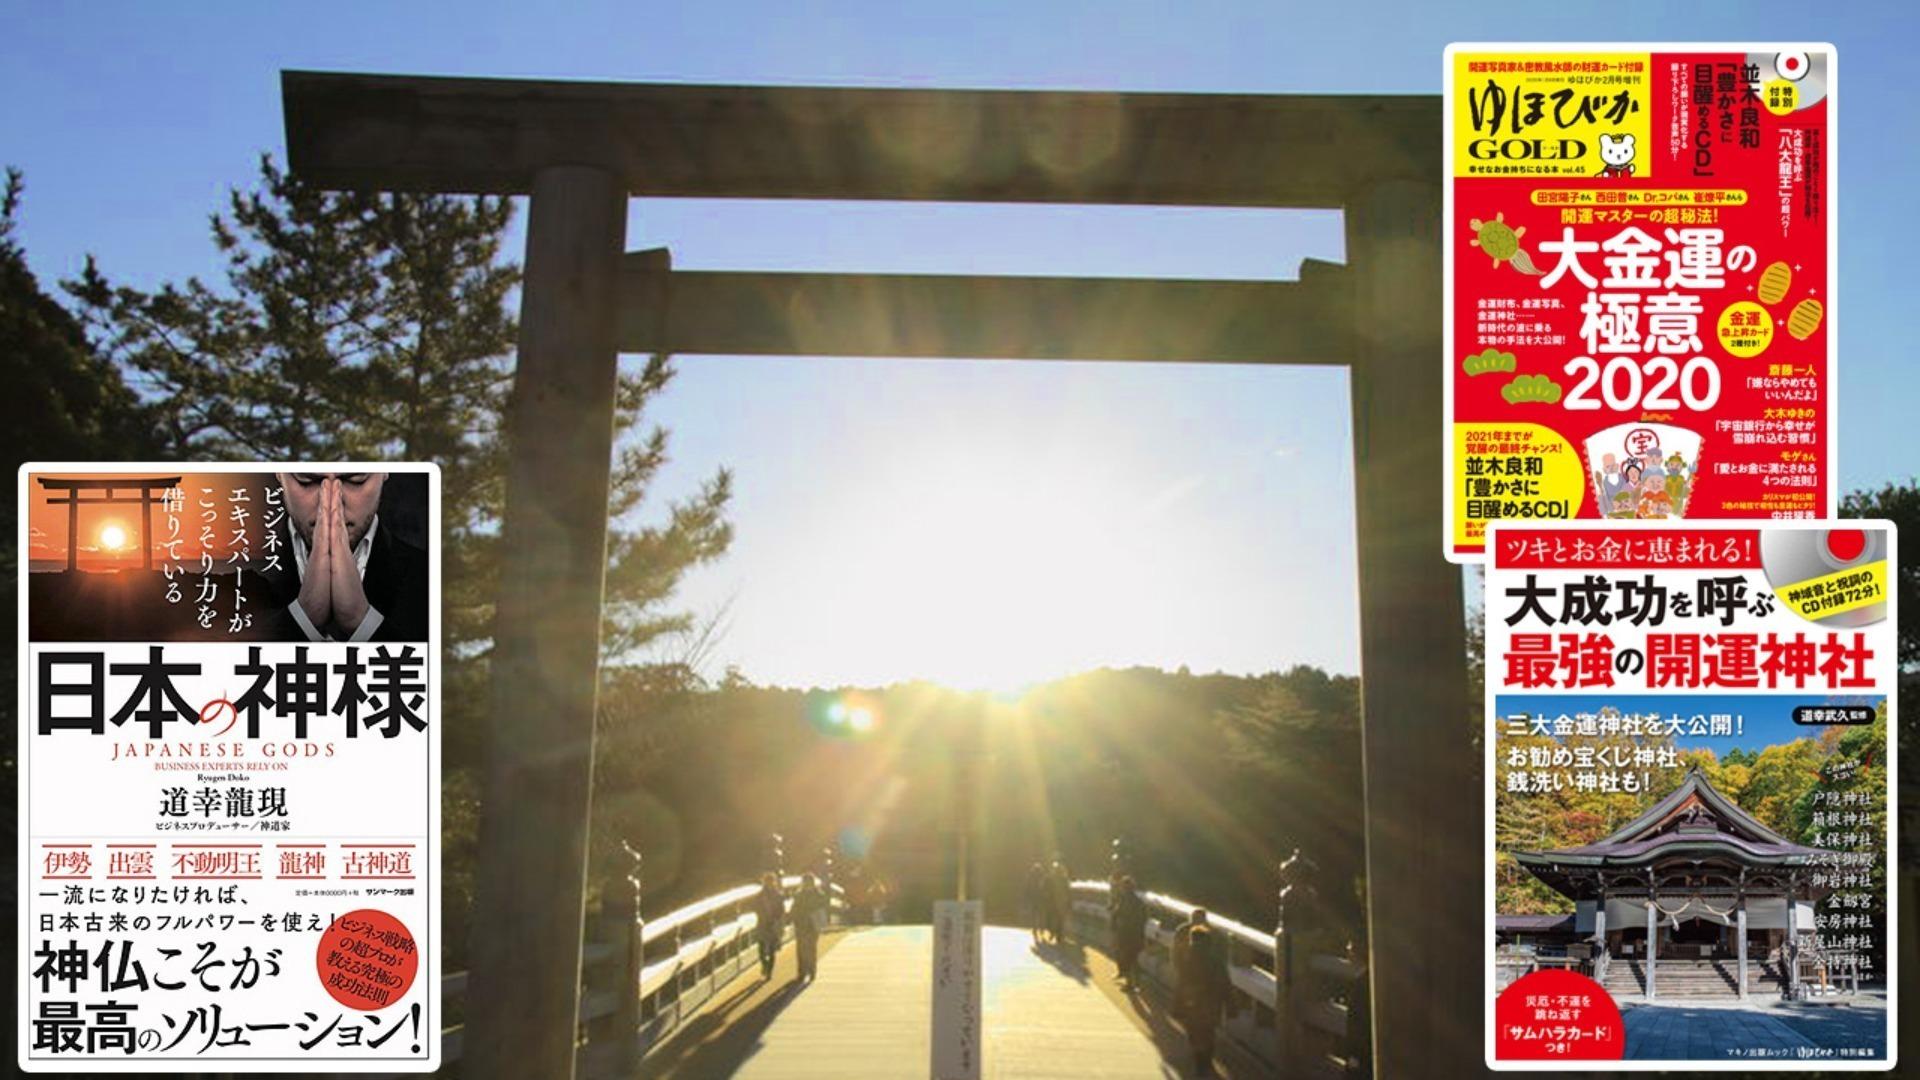 21.7.20【神道編】第40回 スサノヲノミコト